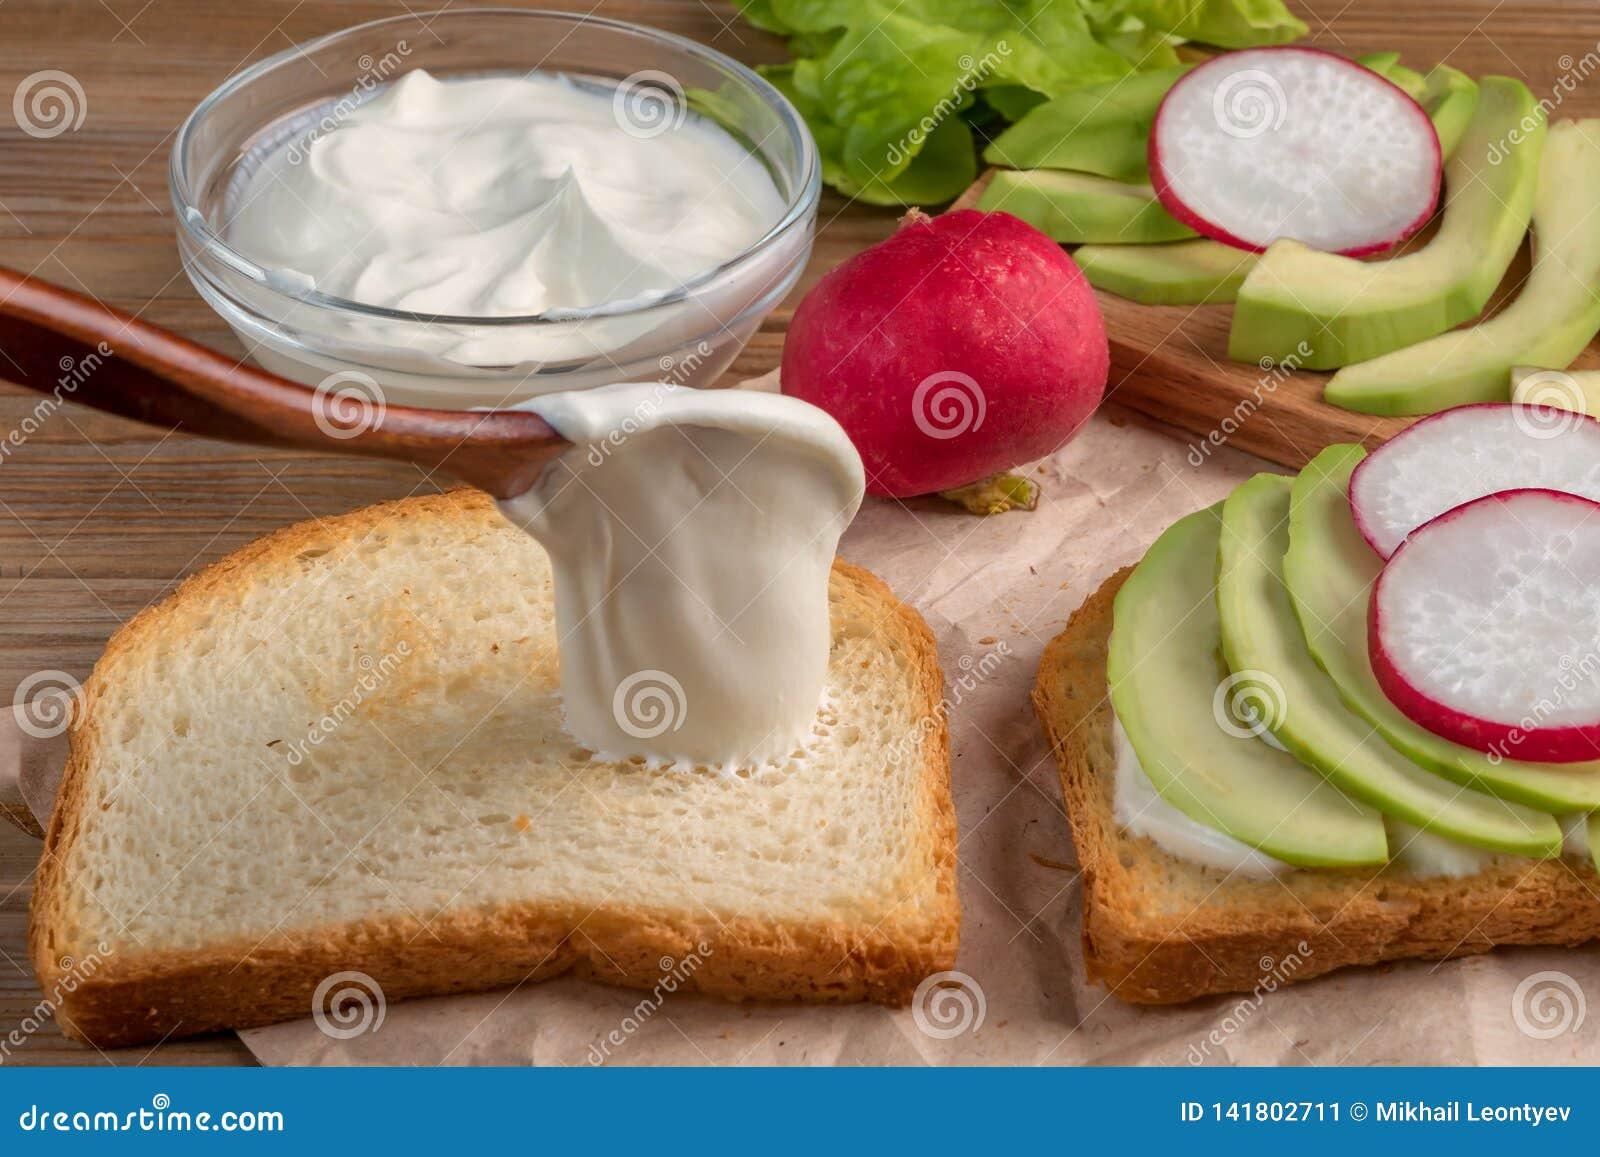 Przygotowanie grzanka z jogurtem, avocado i rzodkwią, z bliska miękkie ogniska,